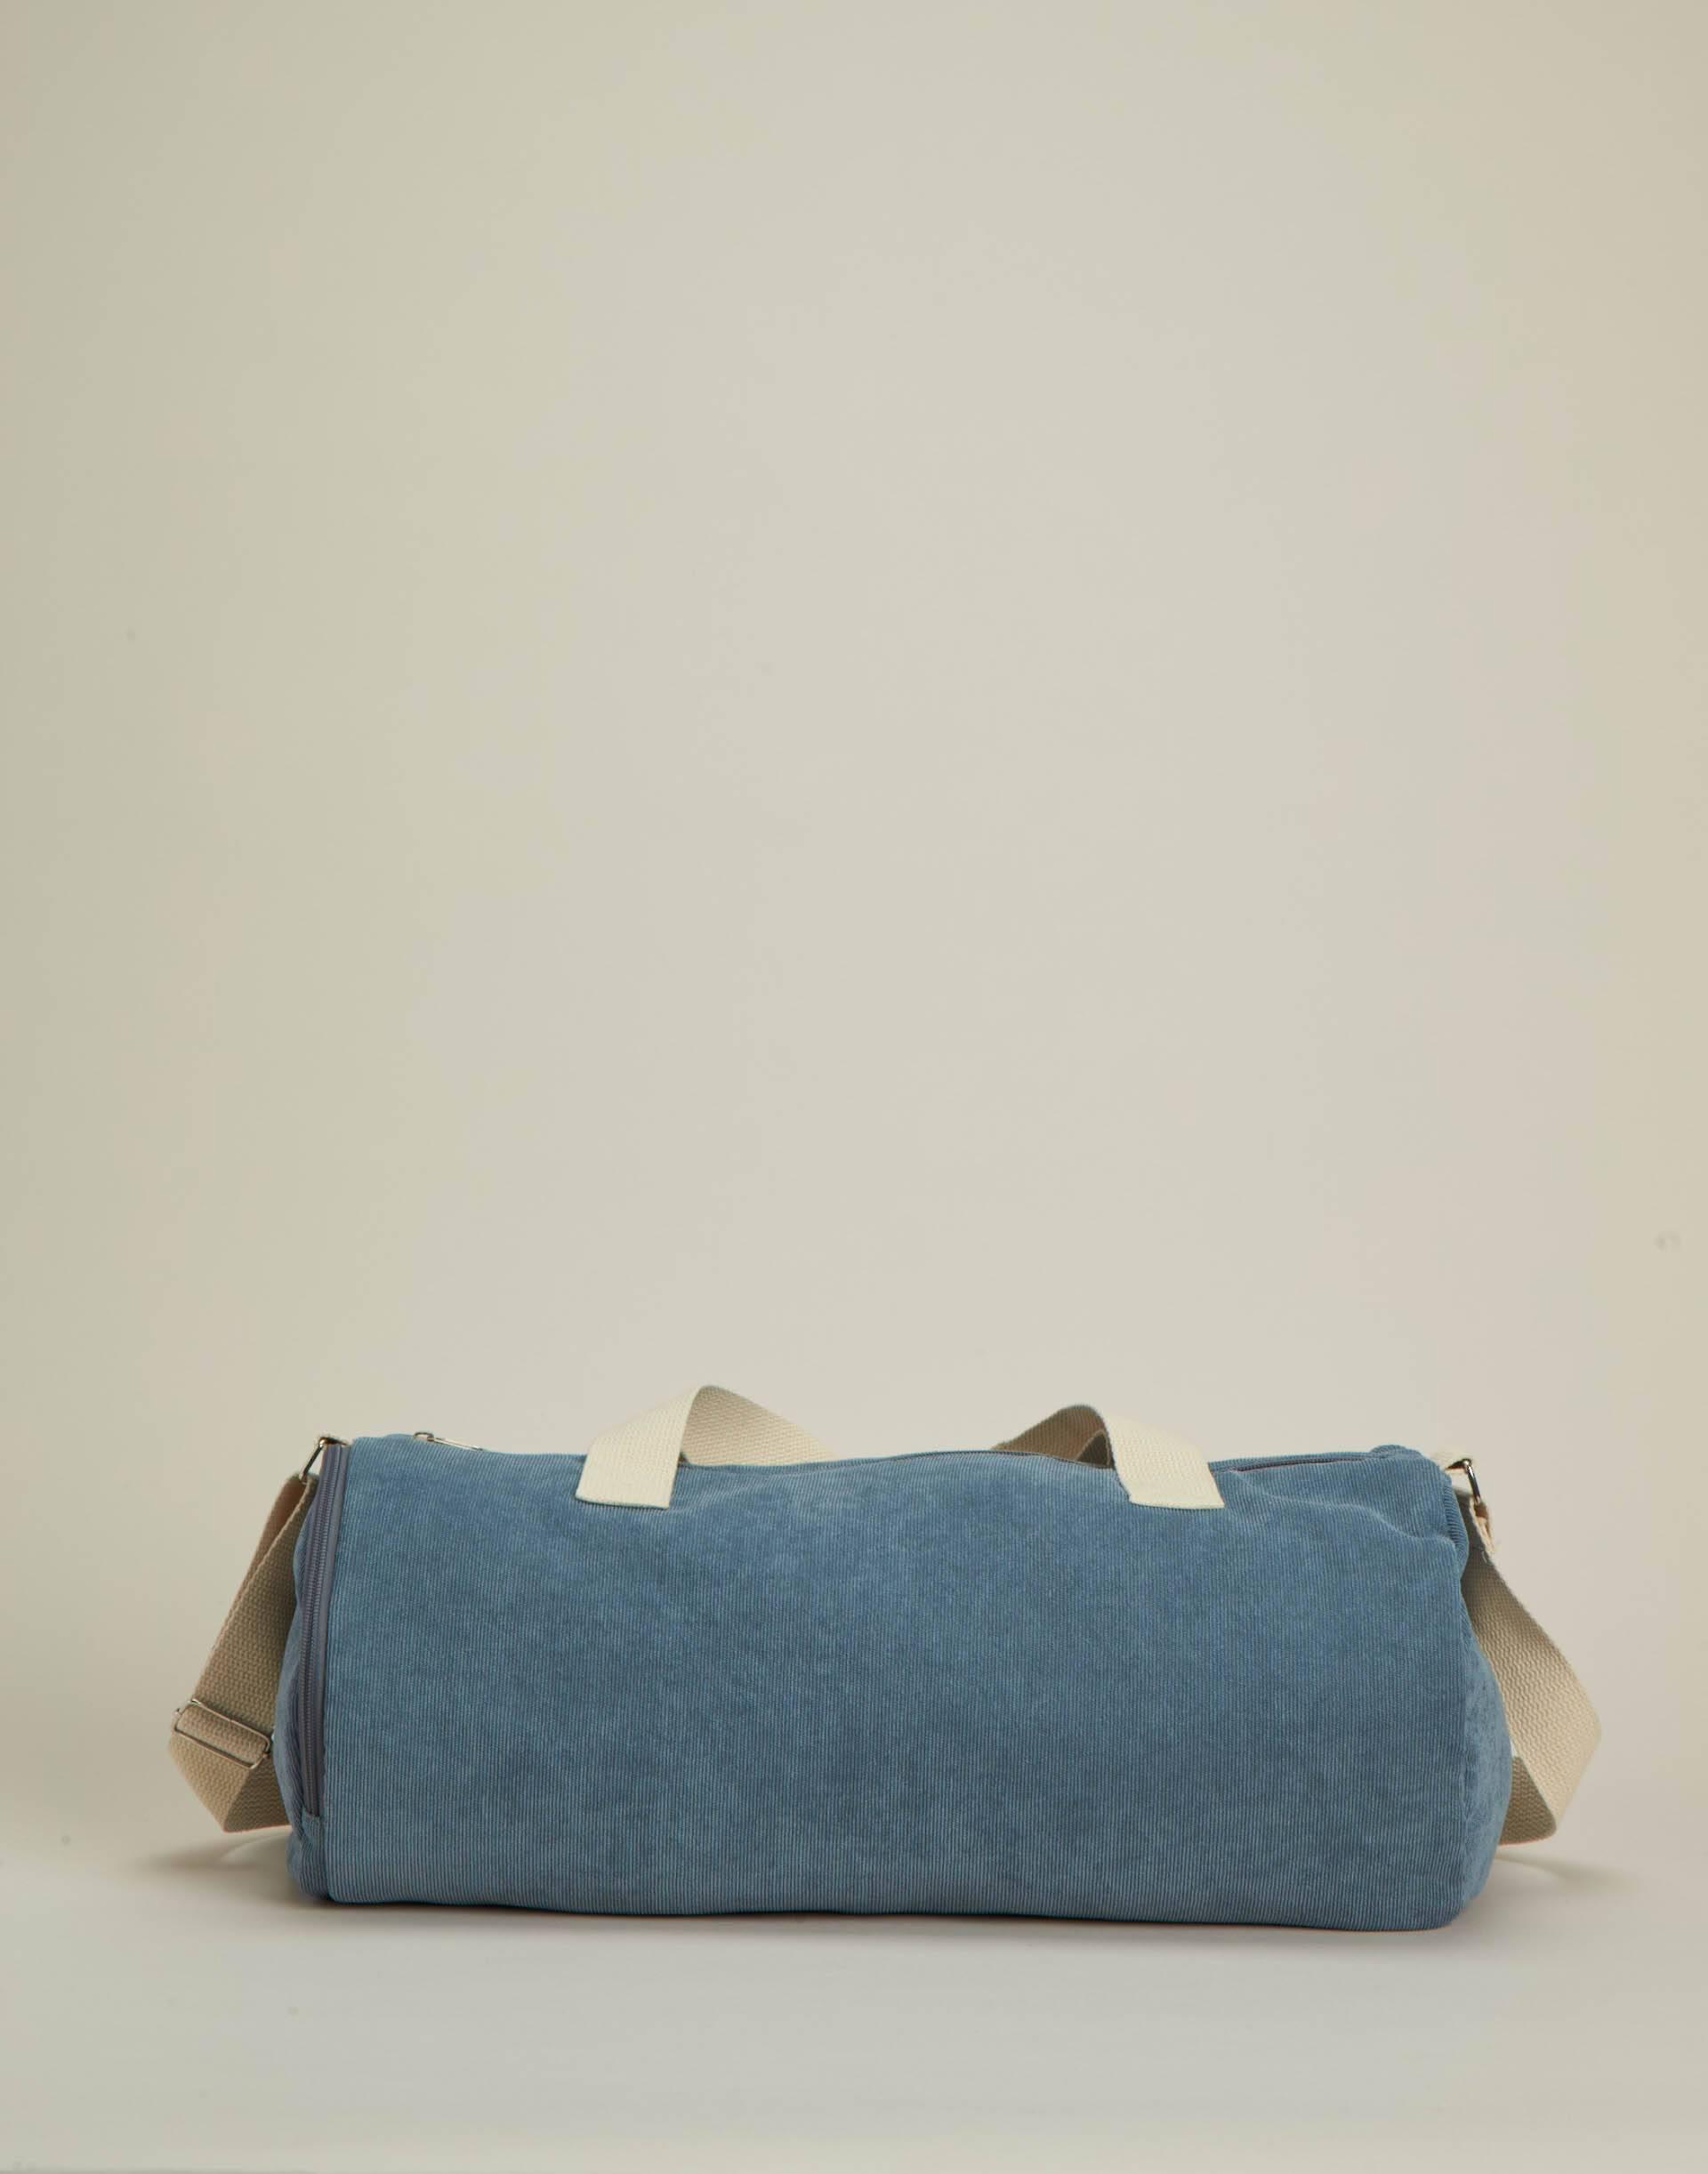 Corduroy weekend bag